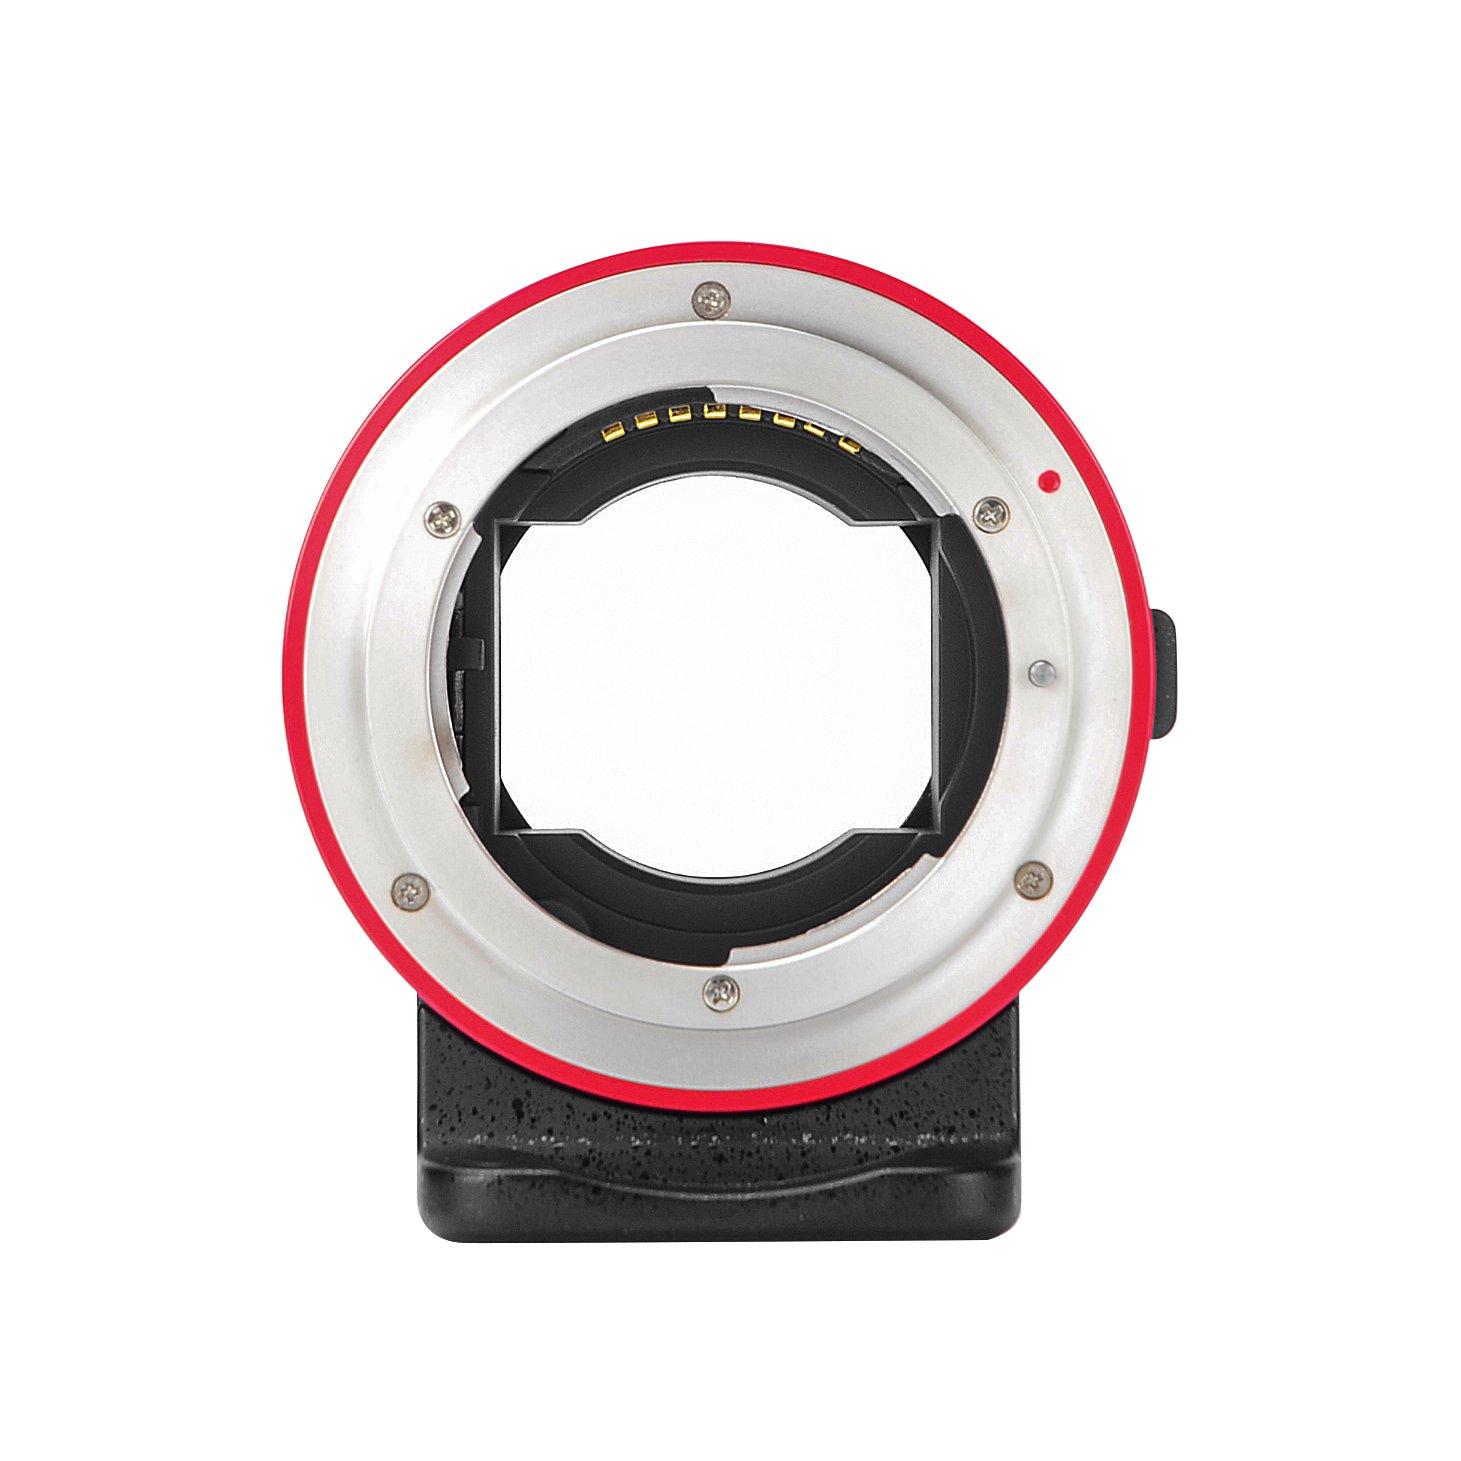 FOTOMIX AODA EC-SNF-E(S) Auto Focus Adapter for Nikon F G Lens to Sony E Mount Cameras A9 A7II A7RII A7RIII A6300 A6500